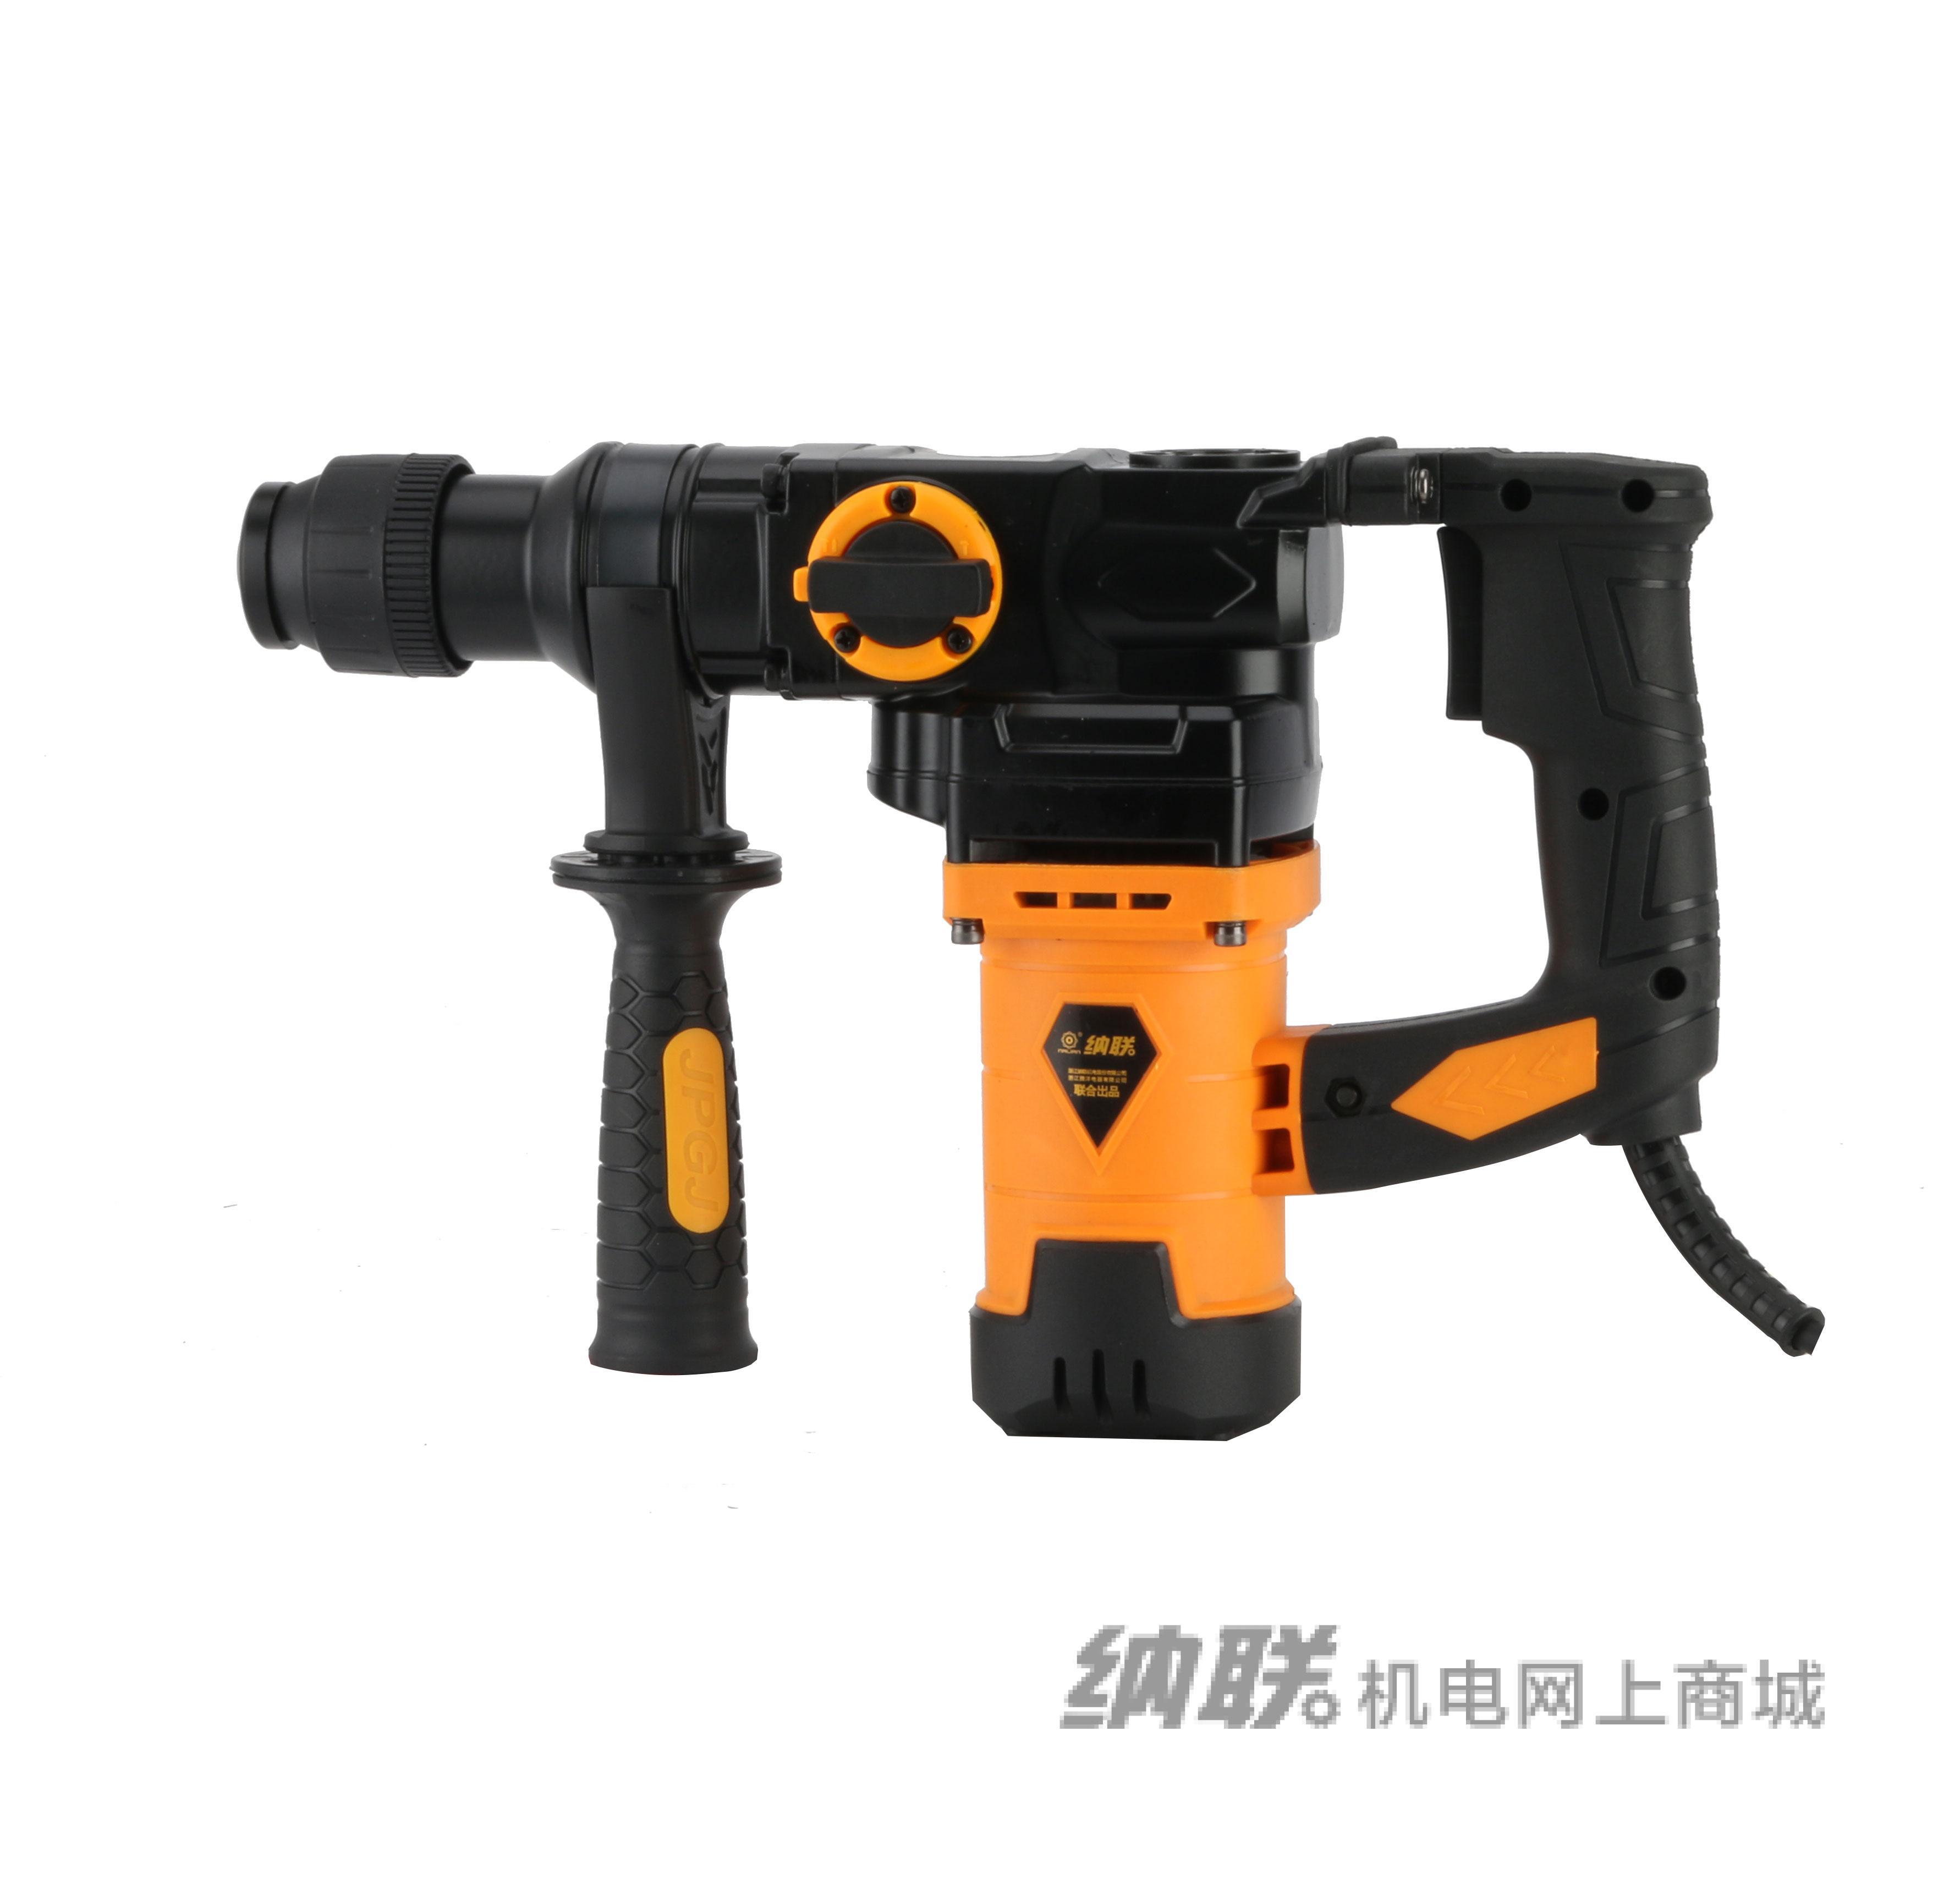 纳联机电 电锤-Z1A2-28SRE/1050W 双用工业级